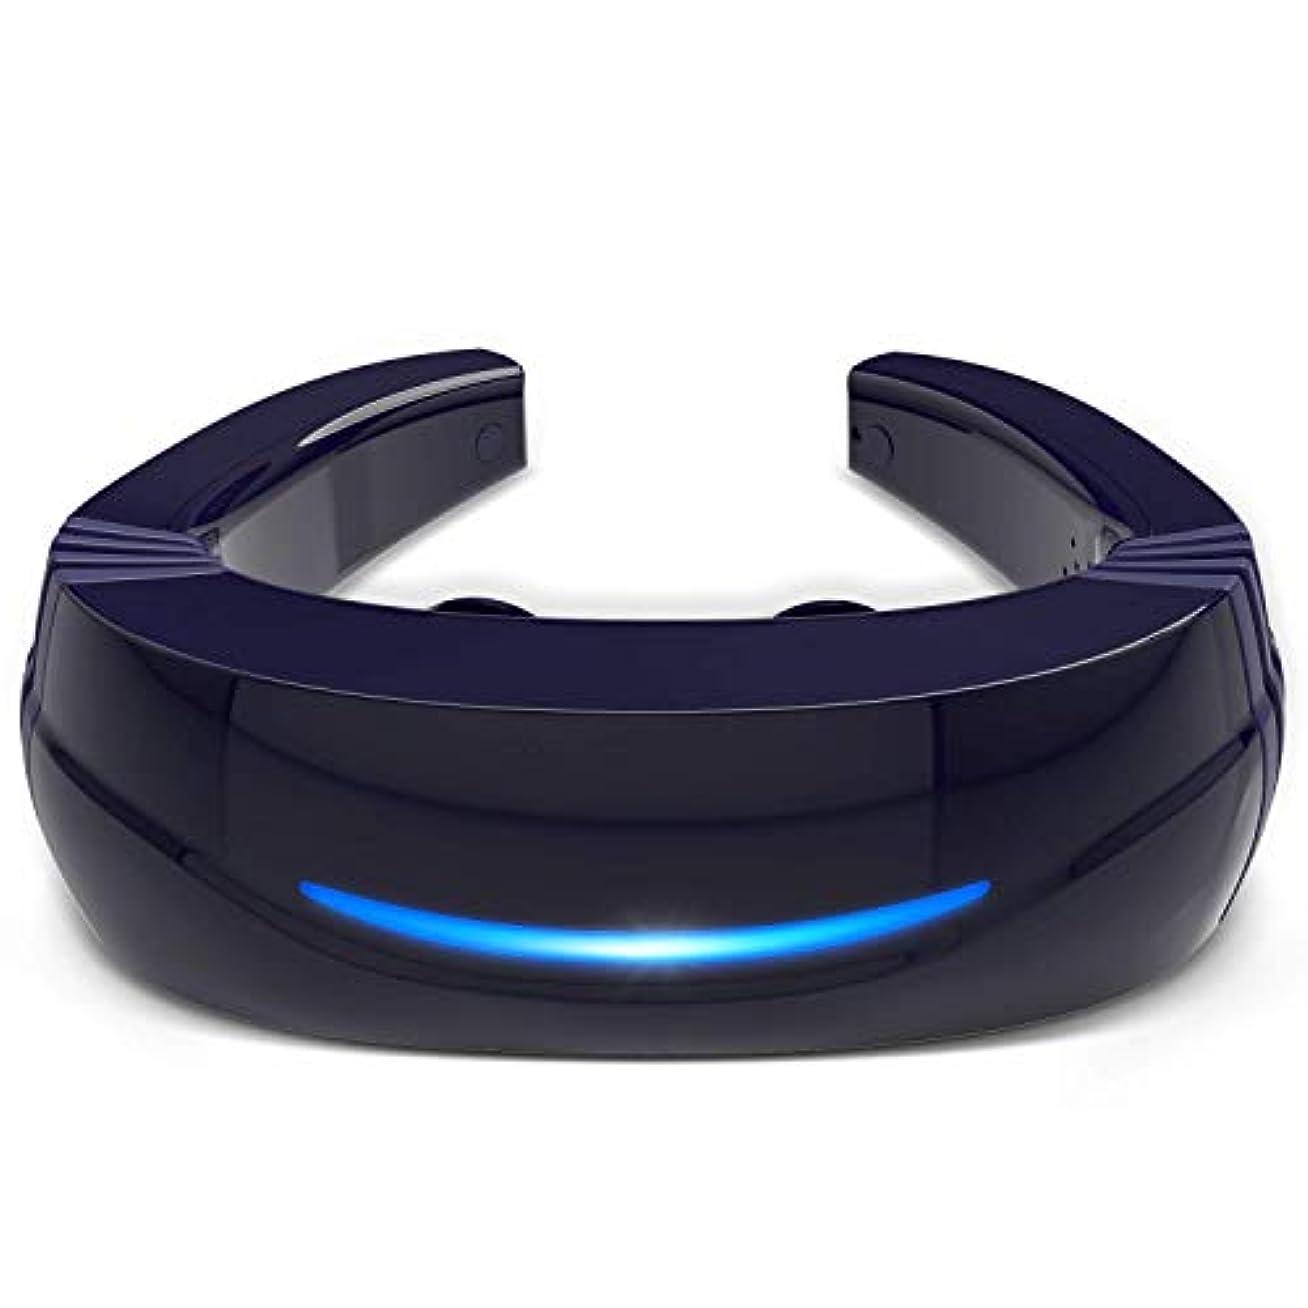 専門化する緊張するマーケティングHipoo ネックマッサージャー 首マッサージ 低周波 マッサージ器 ストレス解消 USB充電式 日本語説明書 電極パッド2つ付き 音声式